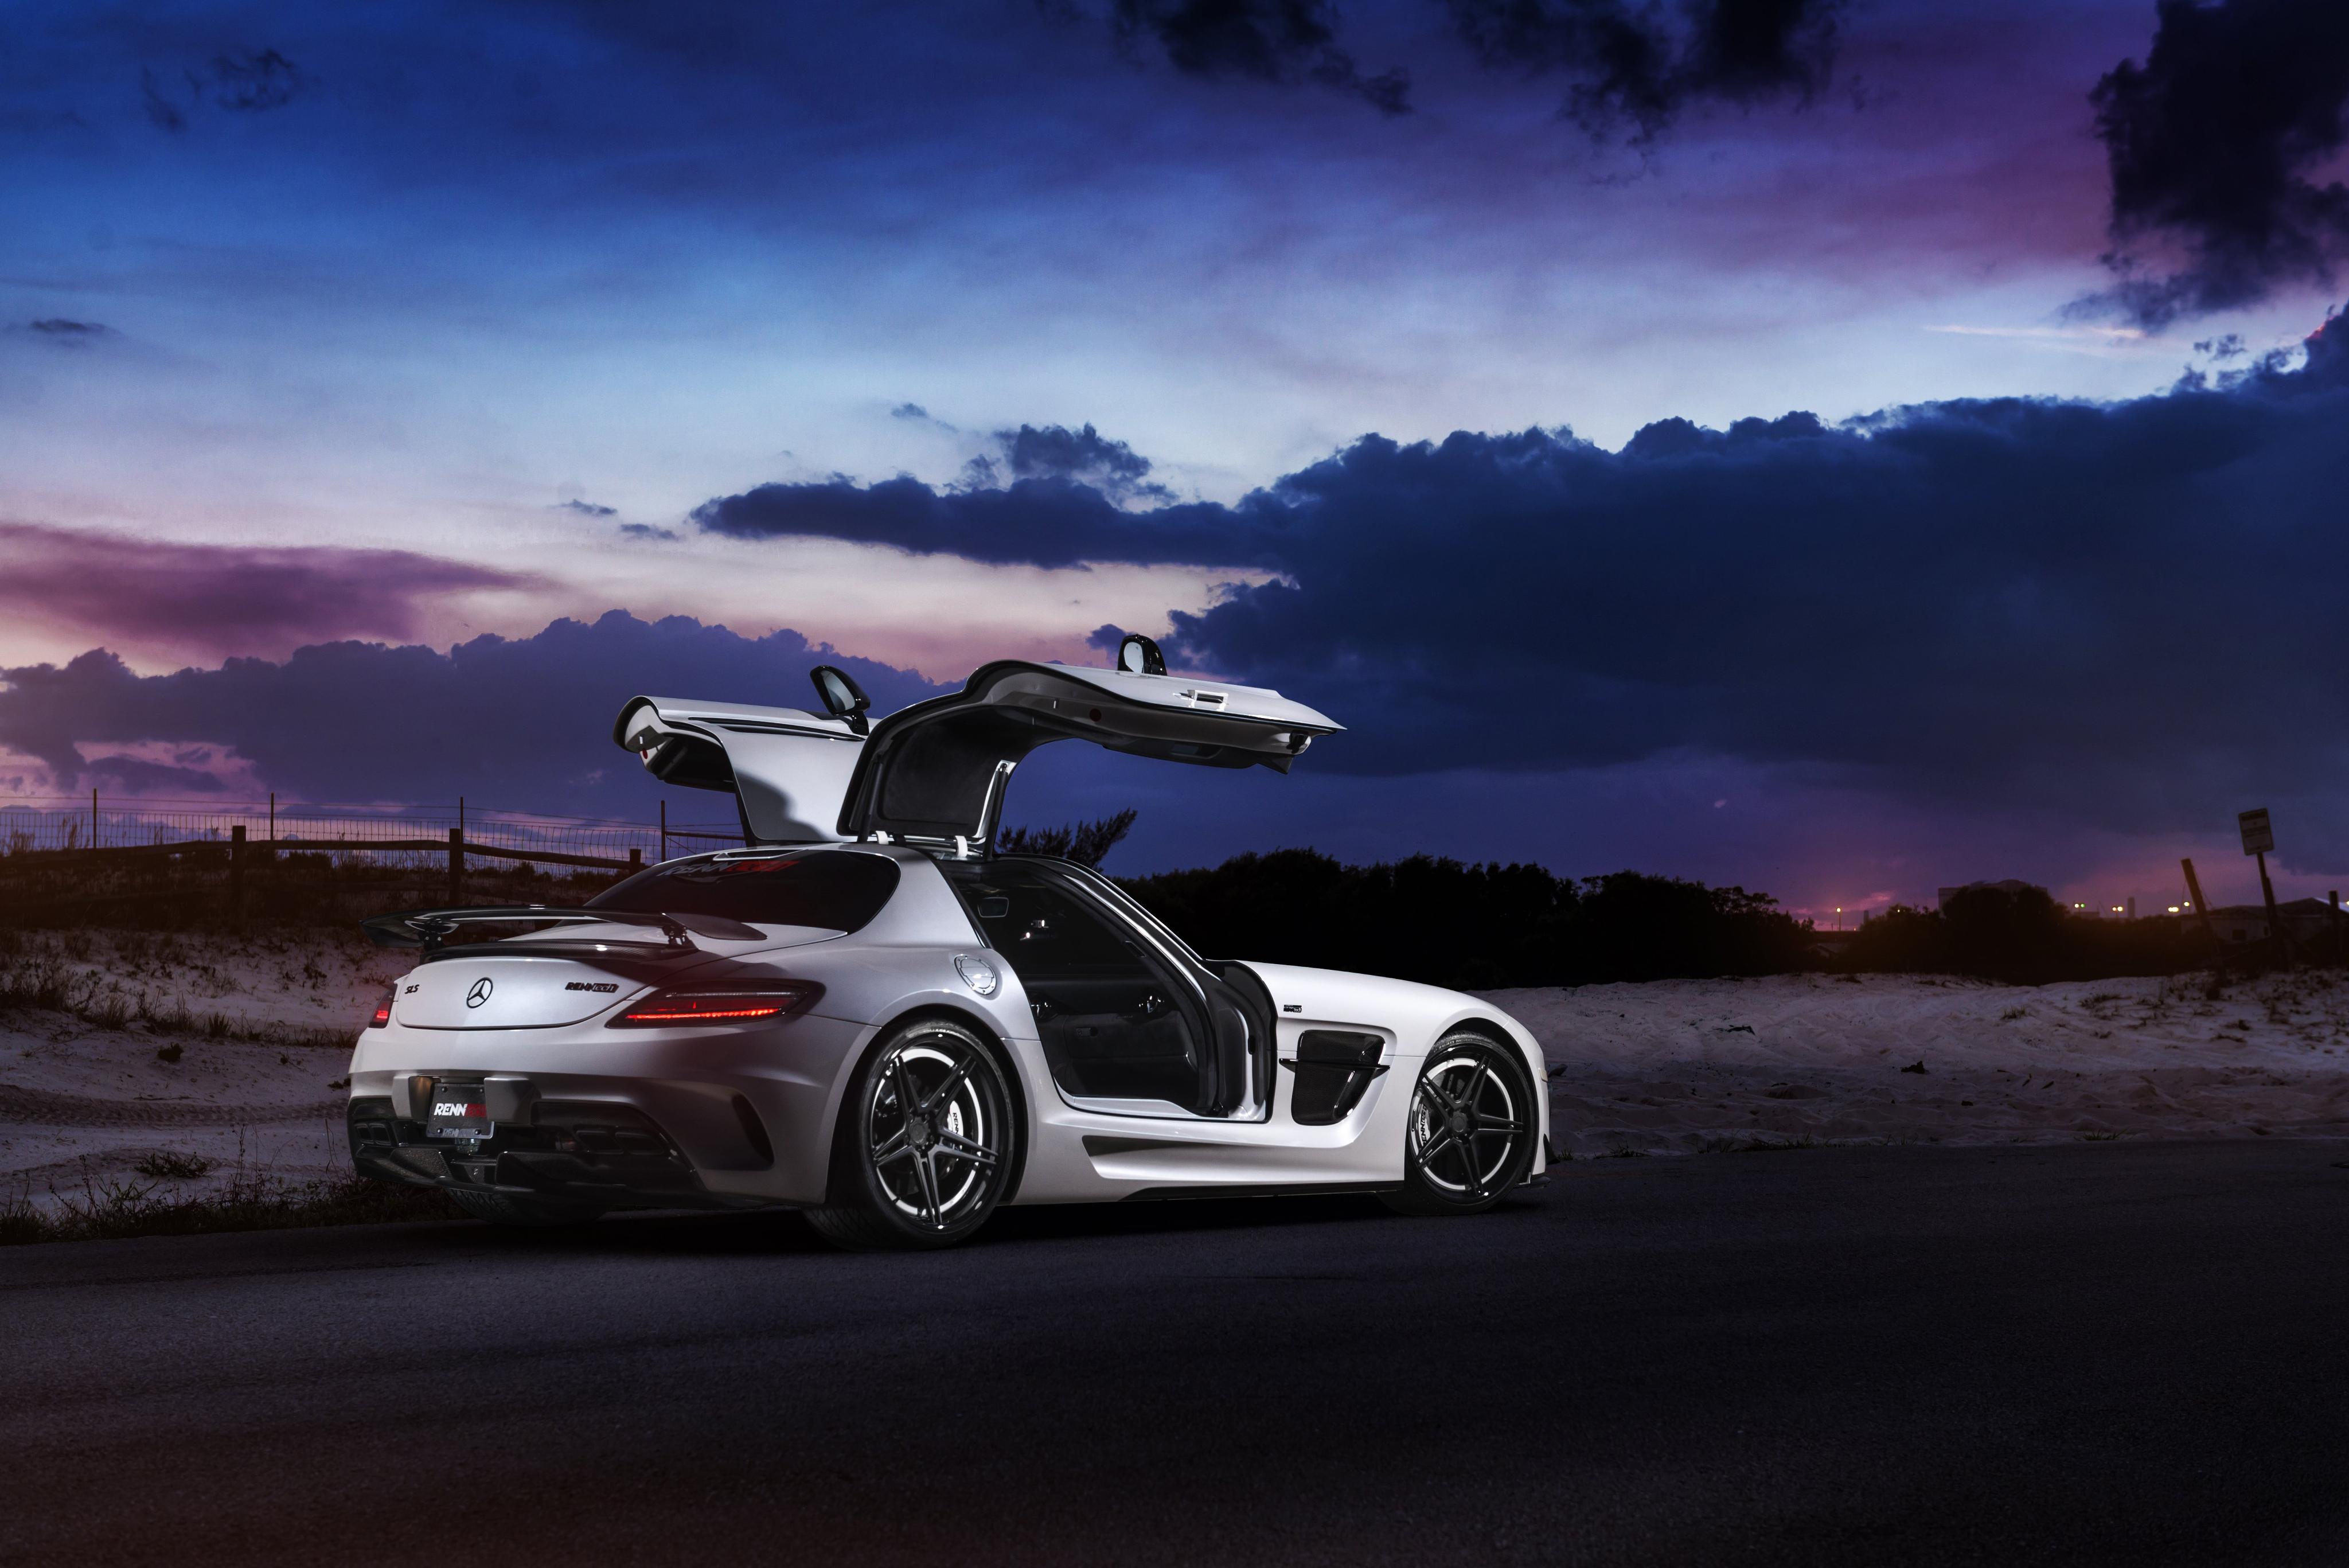 Renntech Mercedes Benz Sls Black Series 4k, HD Cars, 4k ...